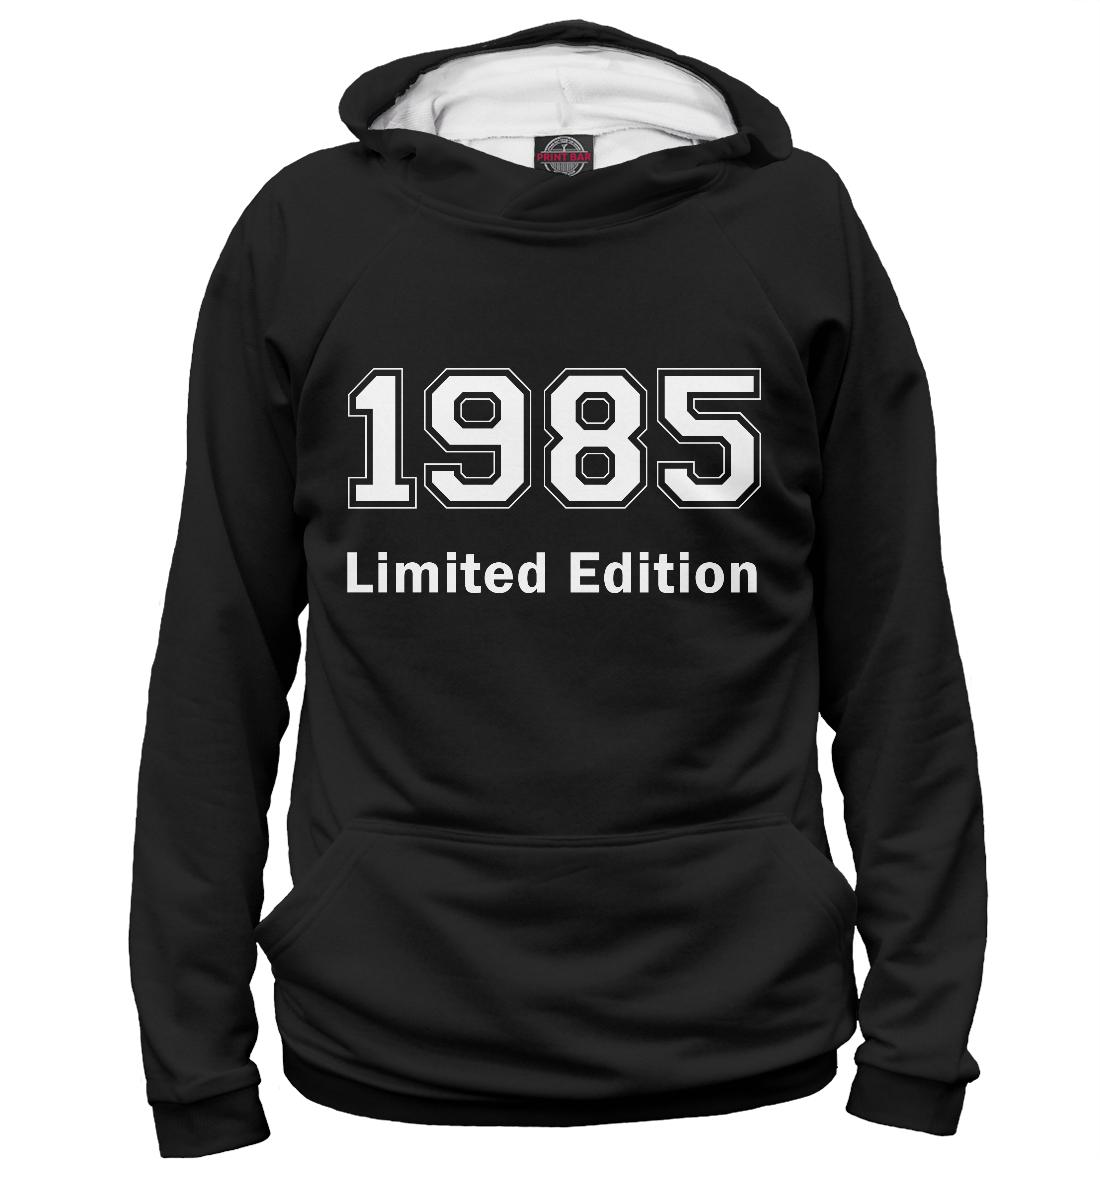 Купить 1985 Limited Edition, Printbar, Худи, DVP-458398-hud-1